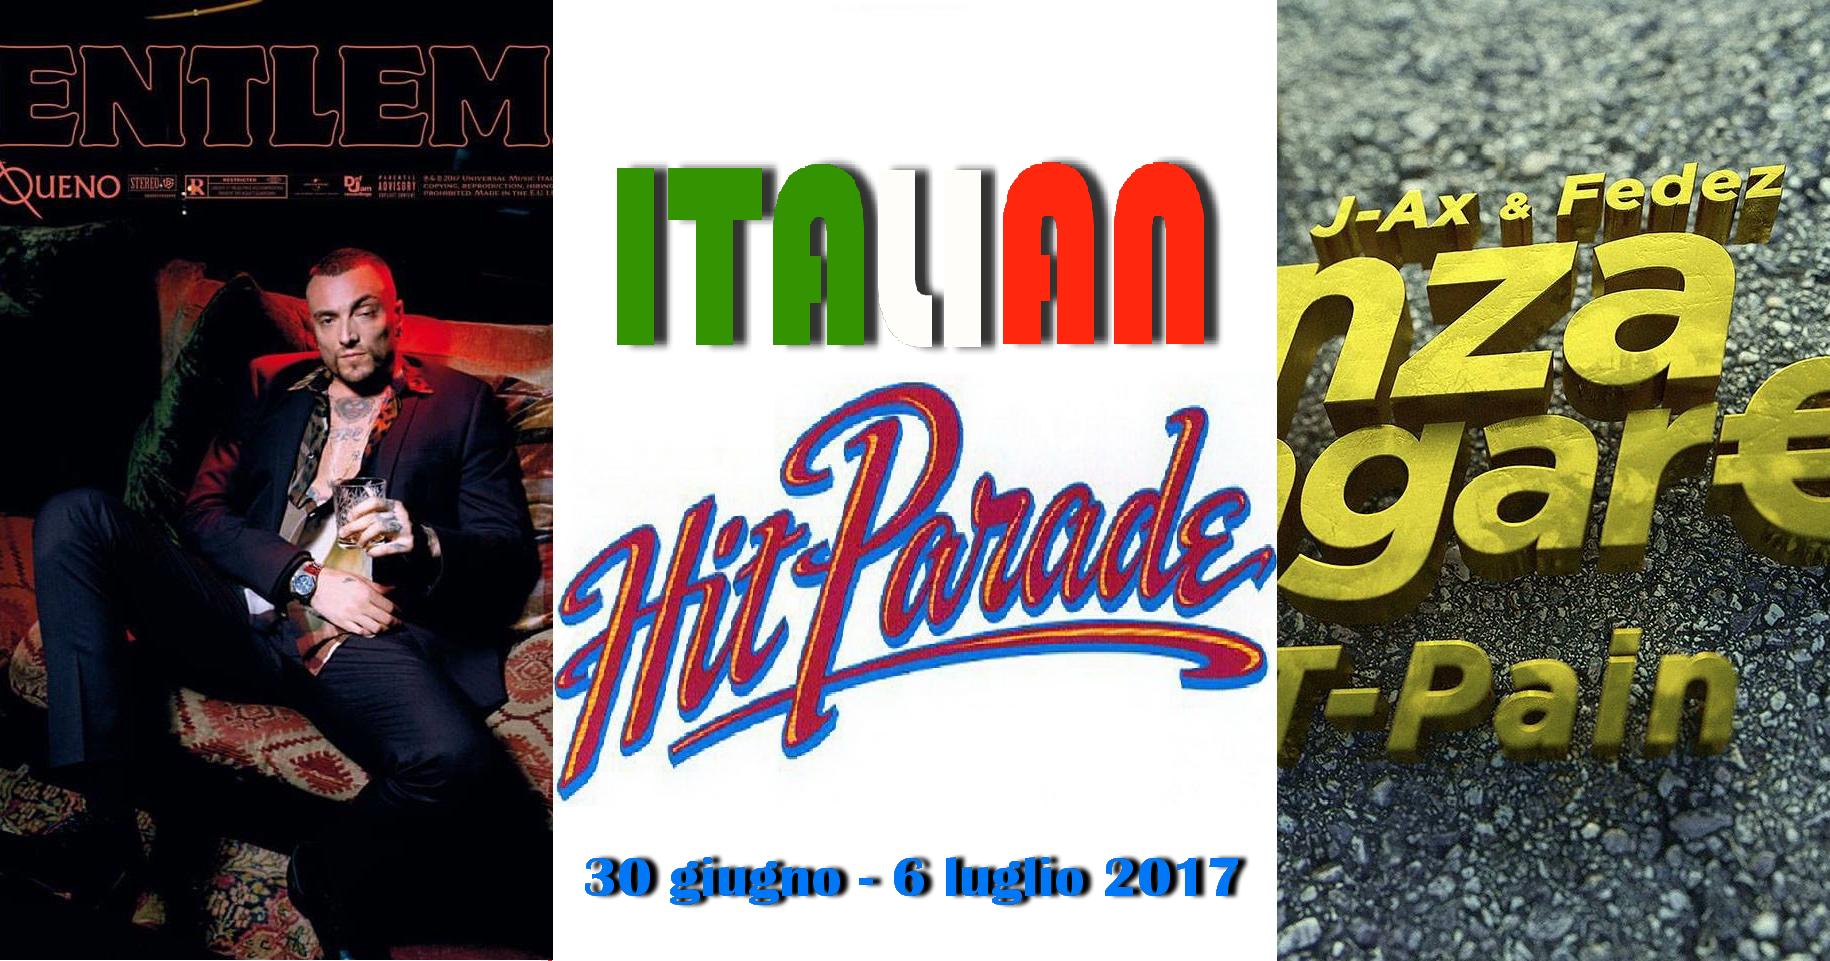 Hit Parade 07-07-17 Gué Pequeno